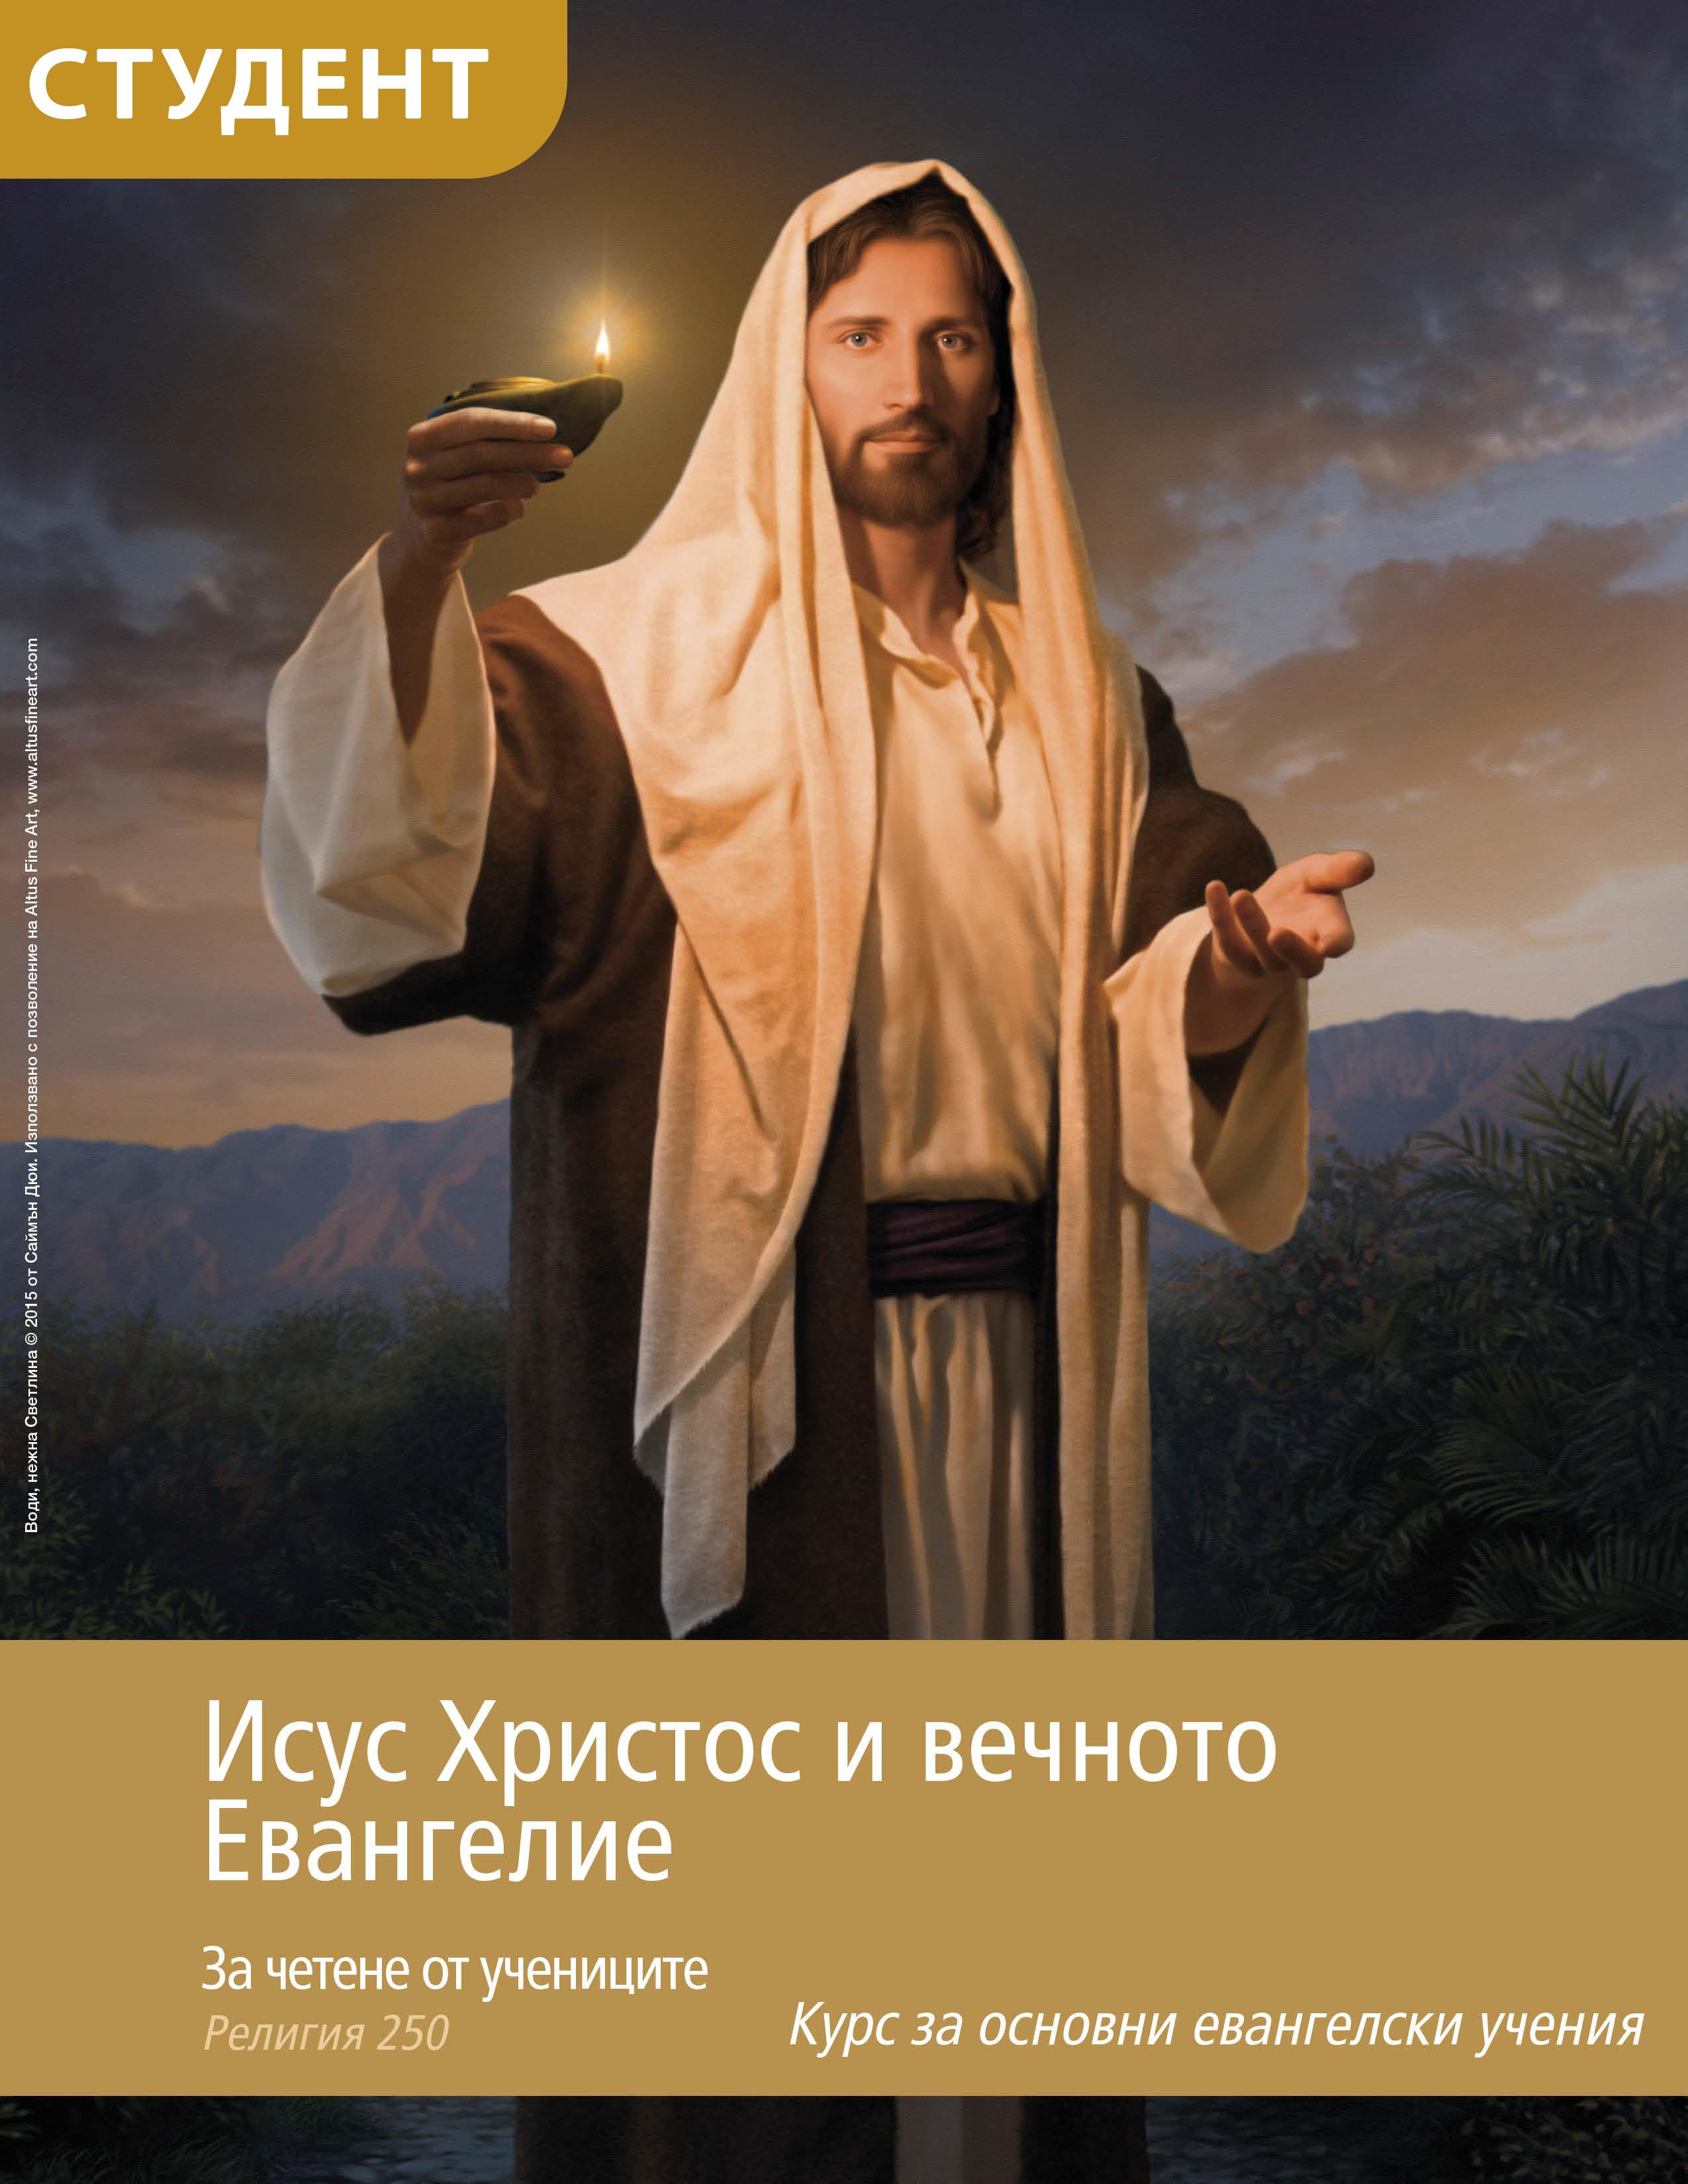 """Исус Христос и вечното Евангелие: """"За четене от учениците"""" (Религия 250)"""